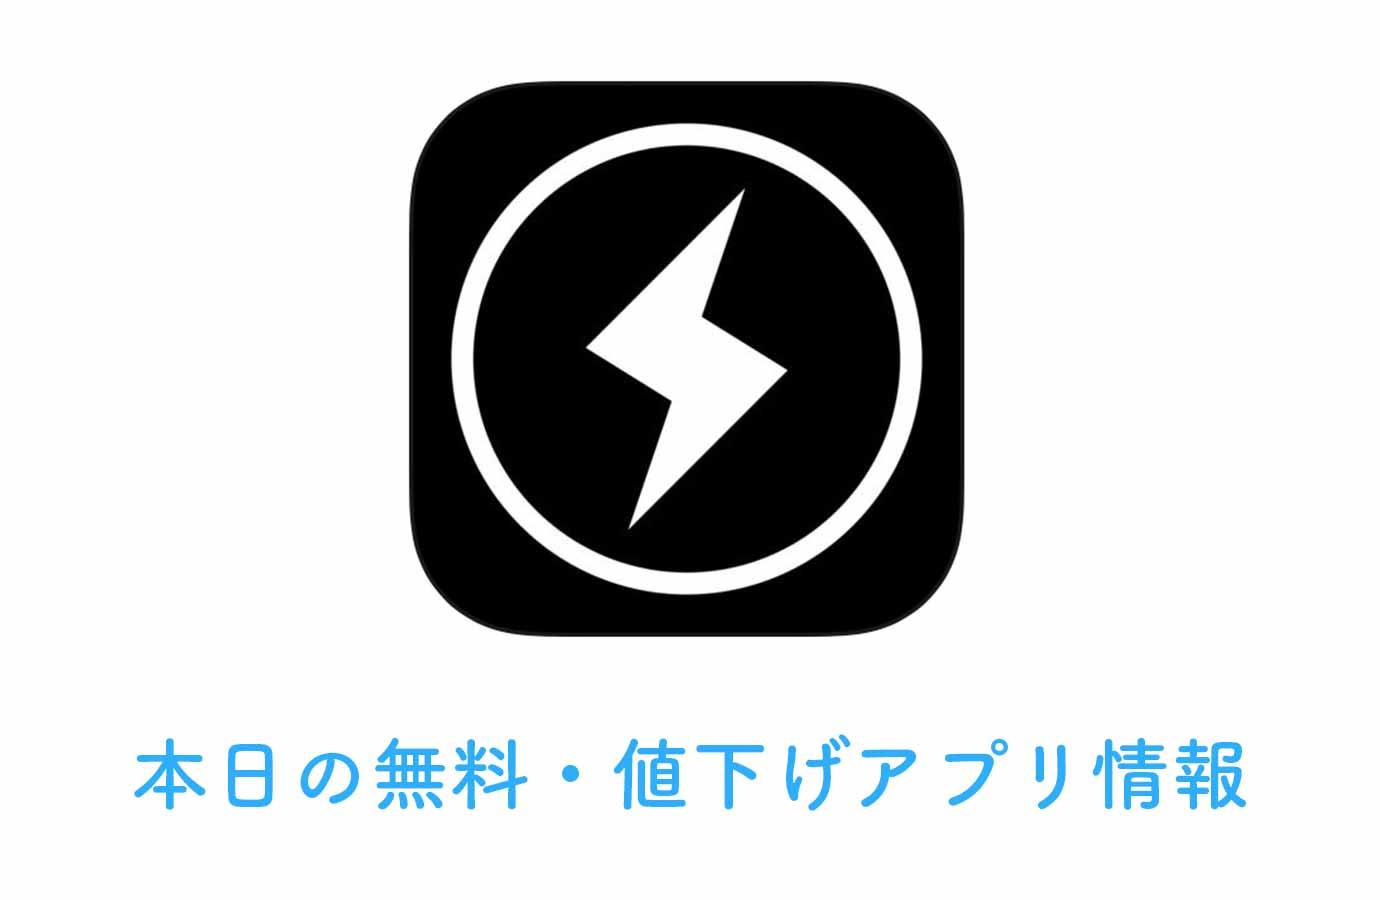 600円→無料、暗い写真を明るくキレイにできる写真補正アプリ「Instaflash Pro」など【6/6】本日の無料・値下げアプリ情報